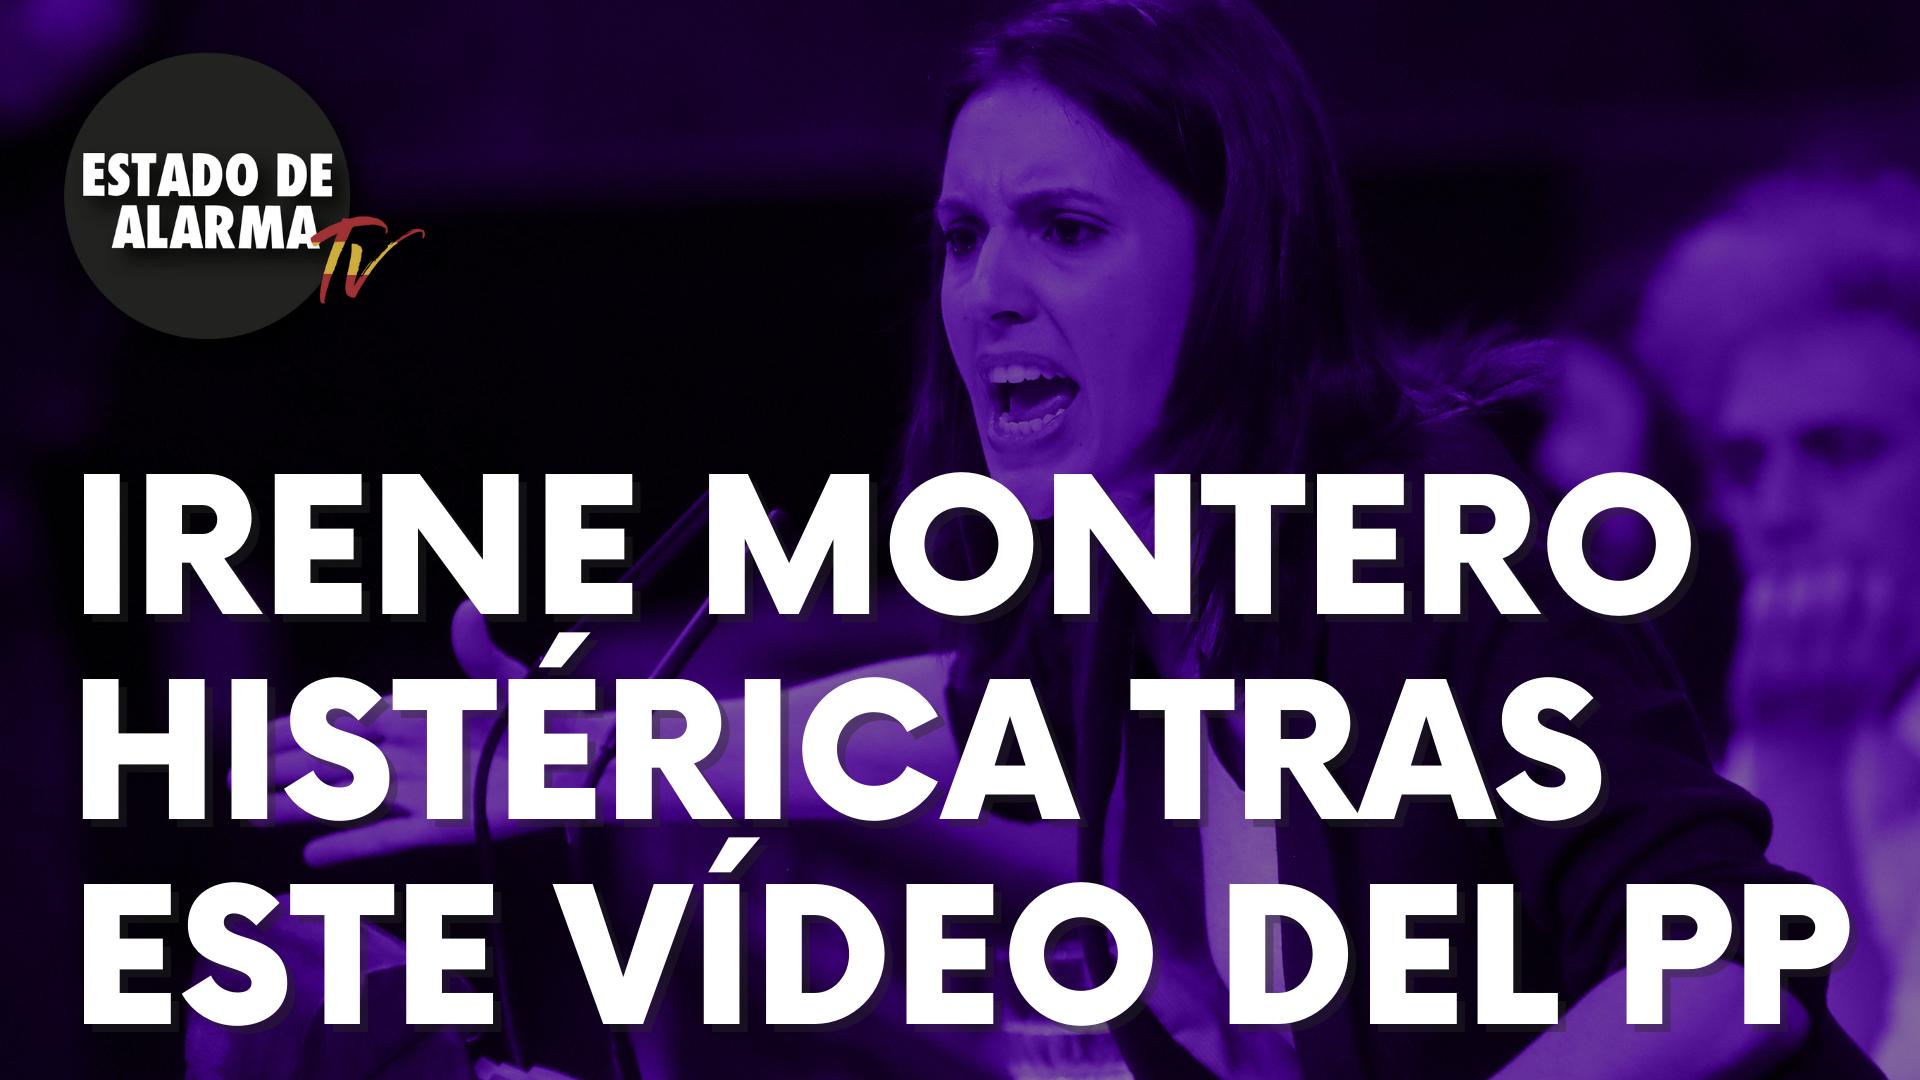 Irene Montero histérica tras este vídeo del PP